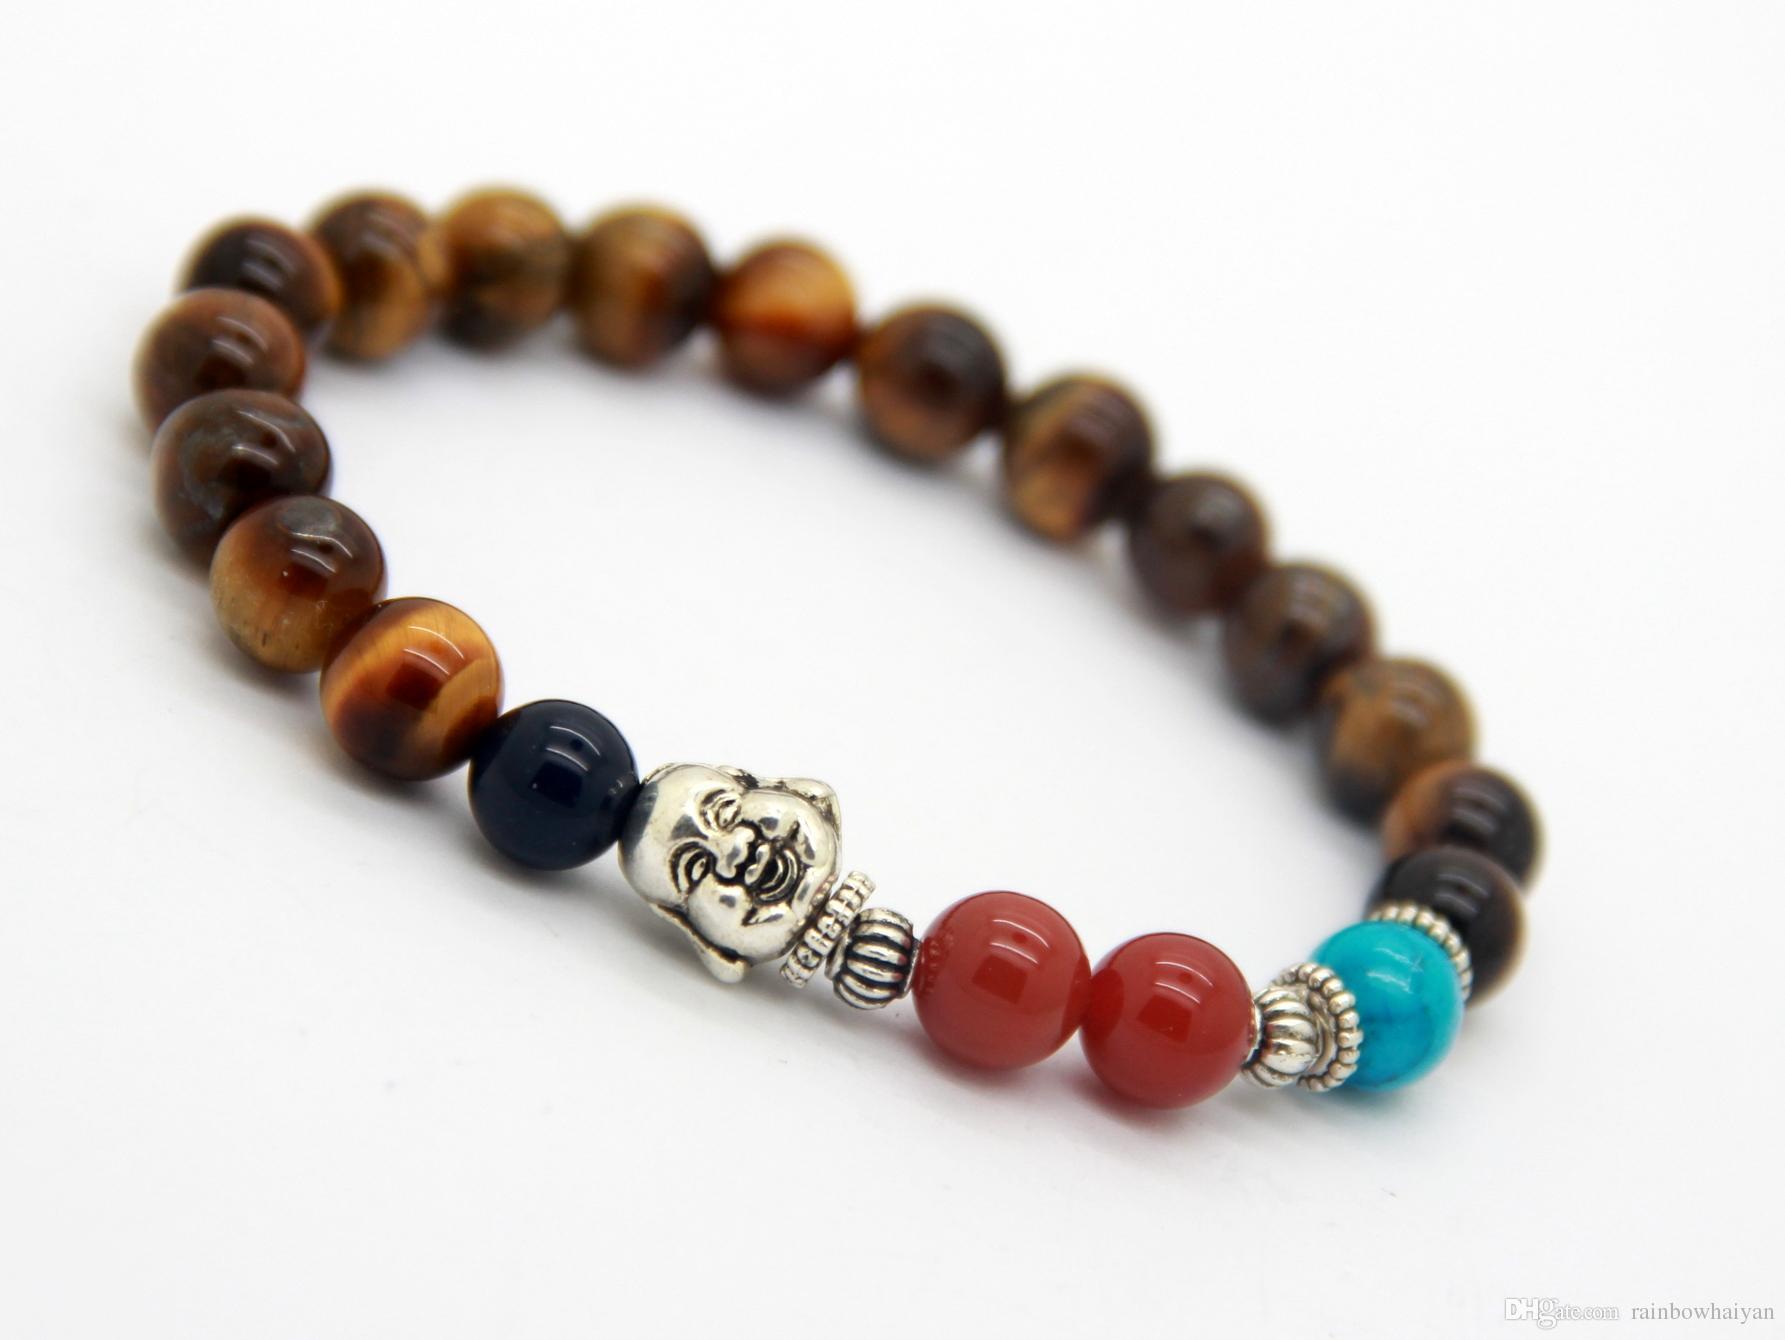 Neue Design Großhandel 8mm Natürliche Tigerauge Antike Silber Lachende Buddha Armband Herren Perlen Meditation Jewlery